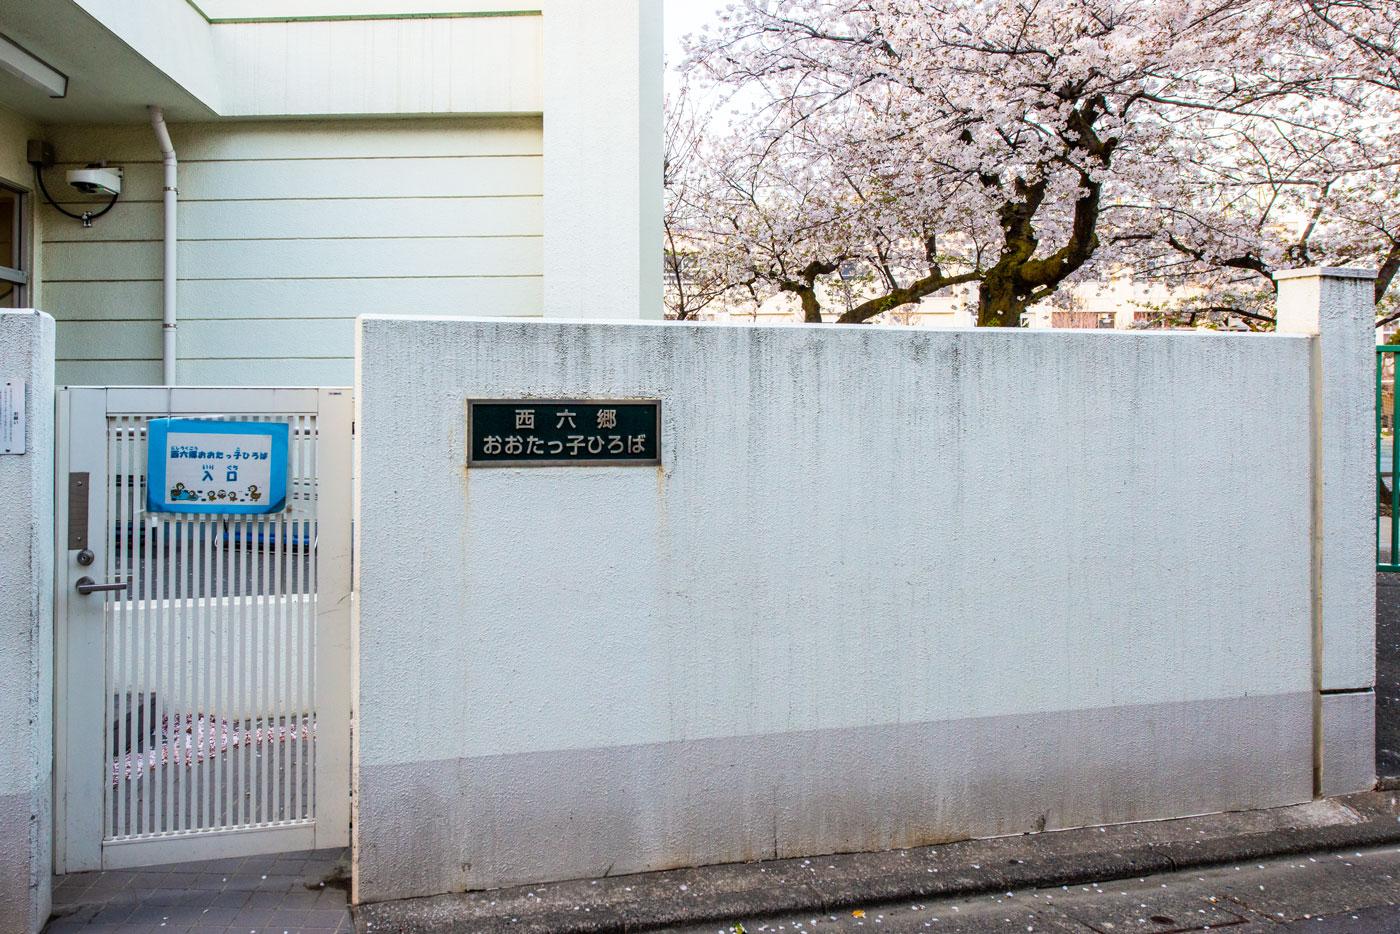 西六郷おおたっ子ひろば(290m)